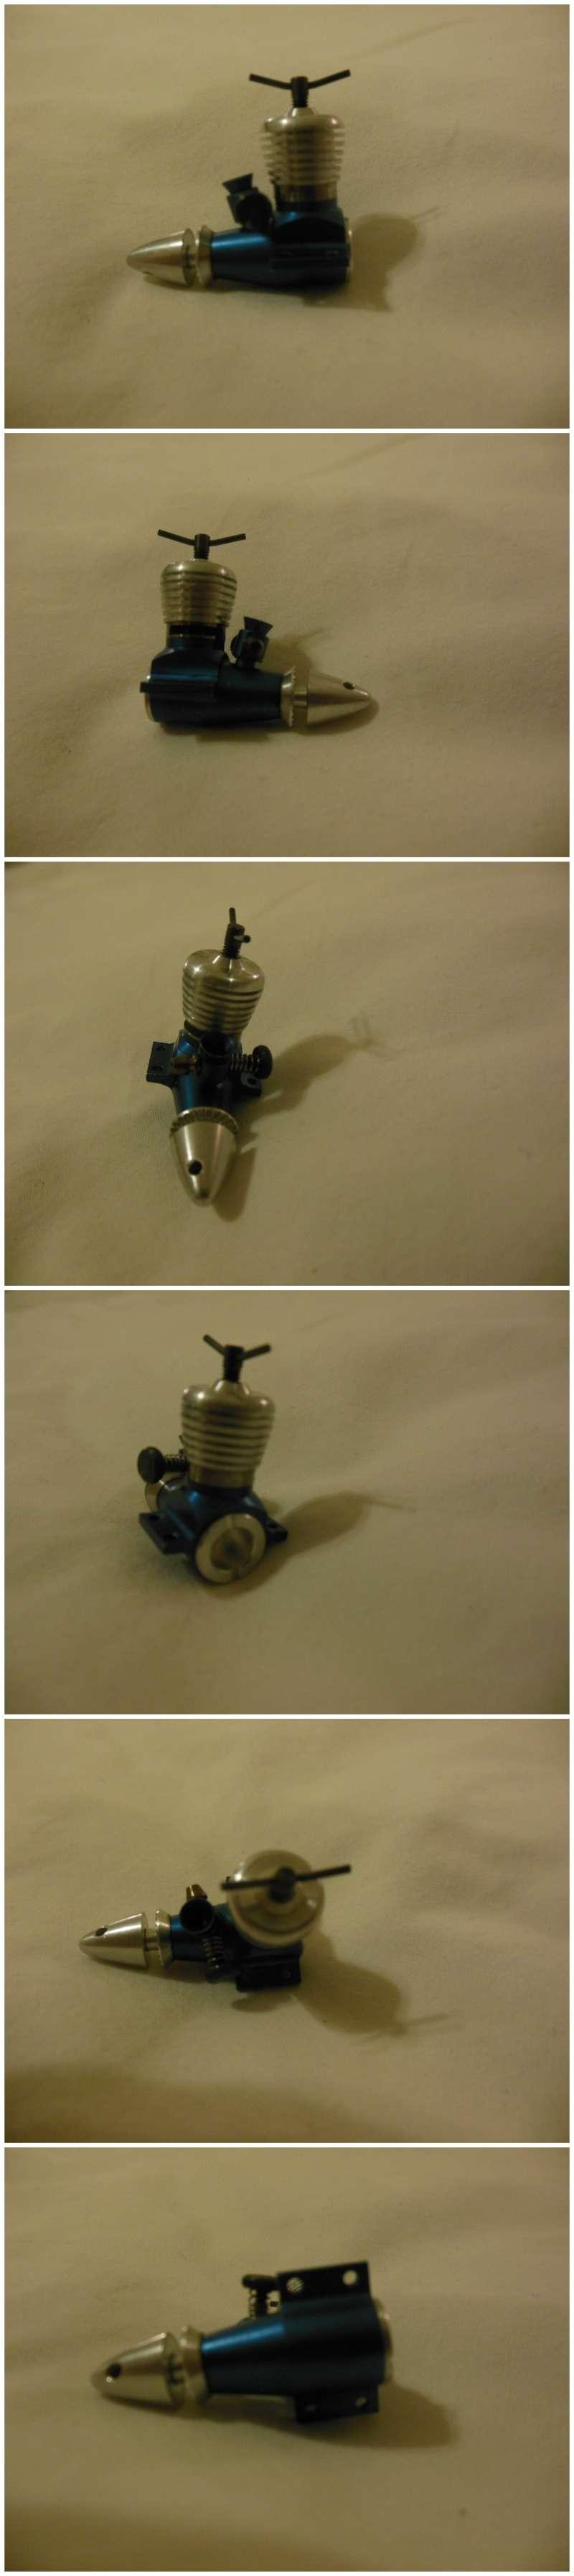 ROVA (Rasant) Diesels 0.098cc Rova_s12